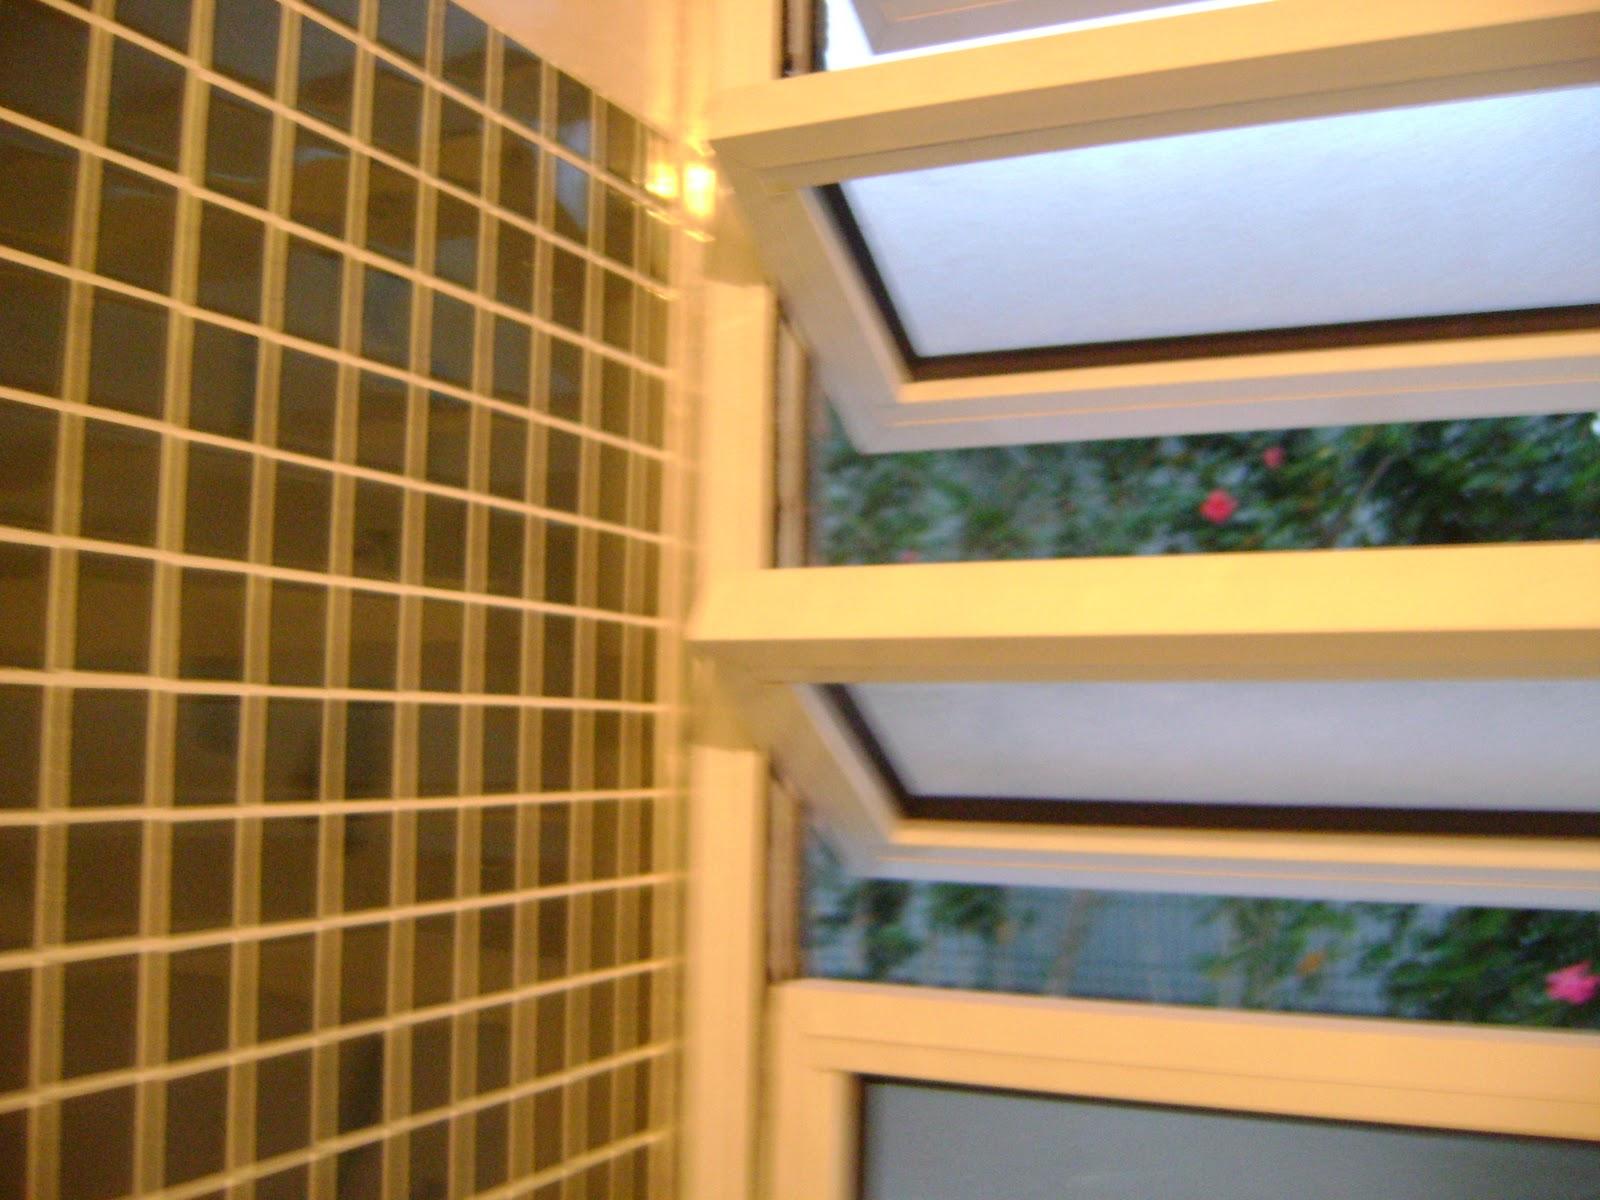 #BE770D Esquadrias de Alumínio e Vidraçaria: Esquadrias De Alumínio 1086 Portas E Janelas De Aluminio Linha Suprema